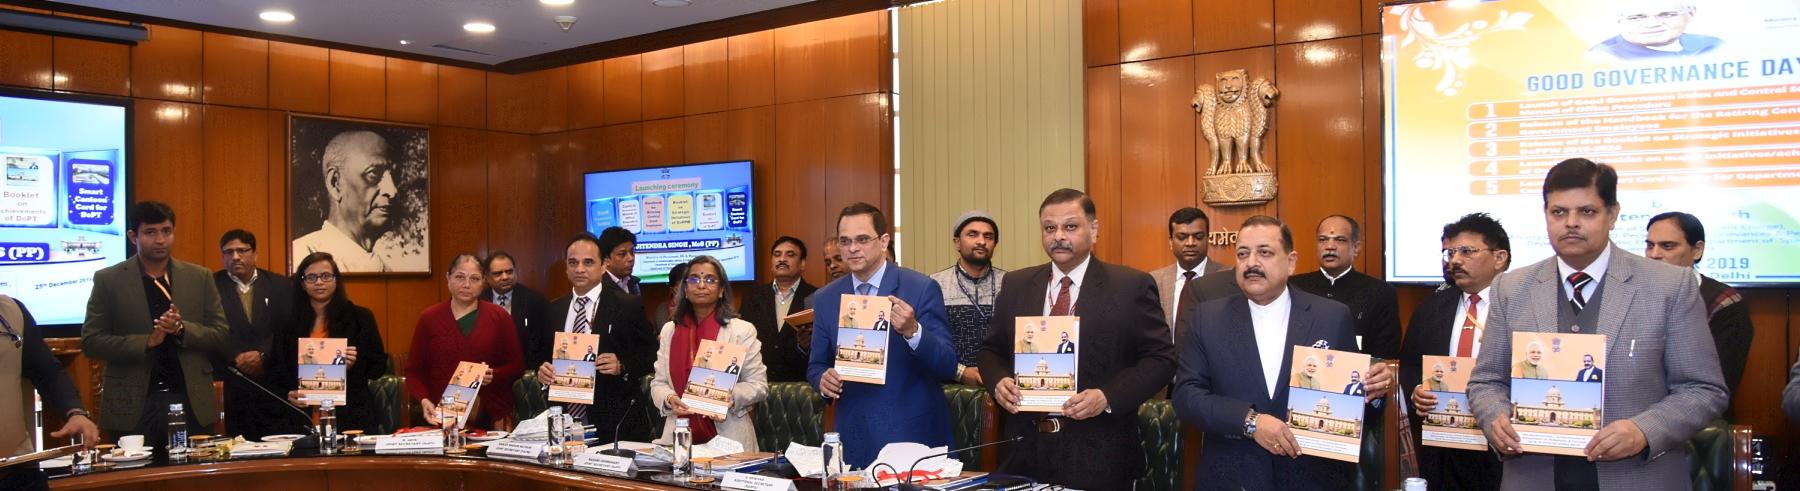 माननीय कार्मिक राज्य मंत्री, डा. जितेंद्र सिंहजी  द्वारा दिनांक 25 दिसंबर 2019 को सुशासन दिवस के अवसर पर इस विभाग की प्रमुख उपलब्धियों पर बुकलेट का विमोचन